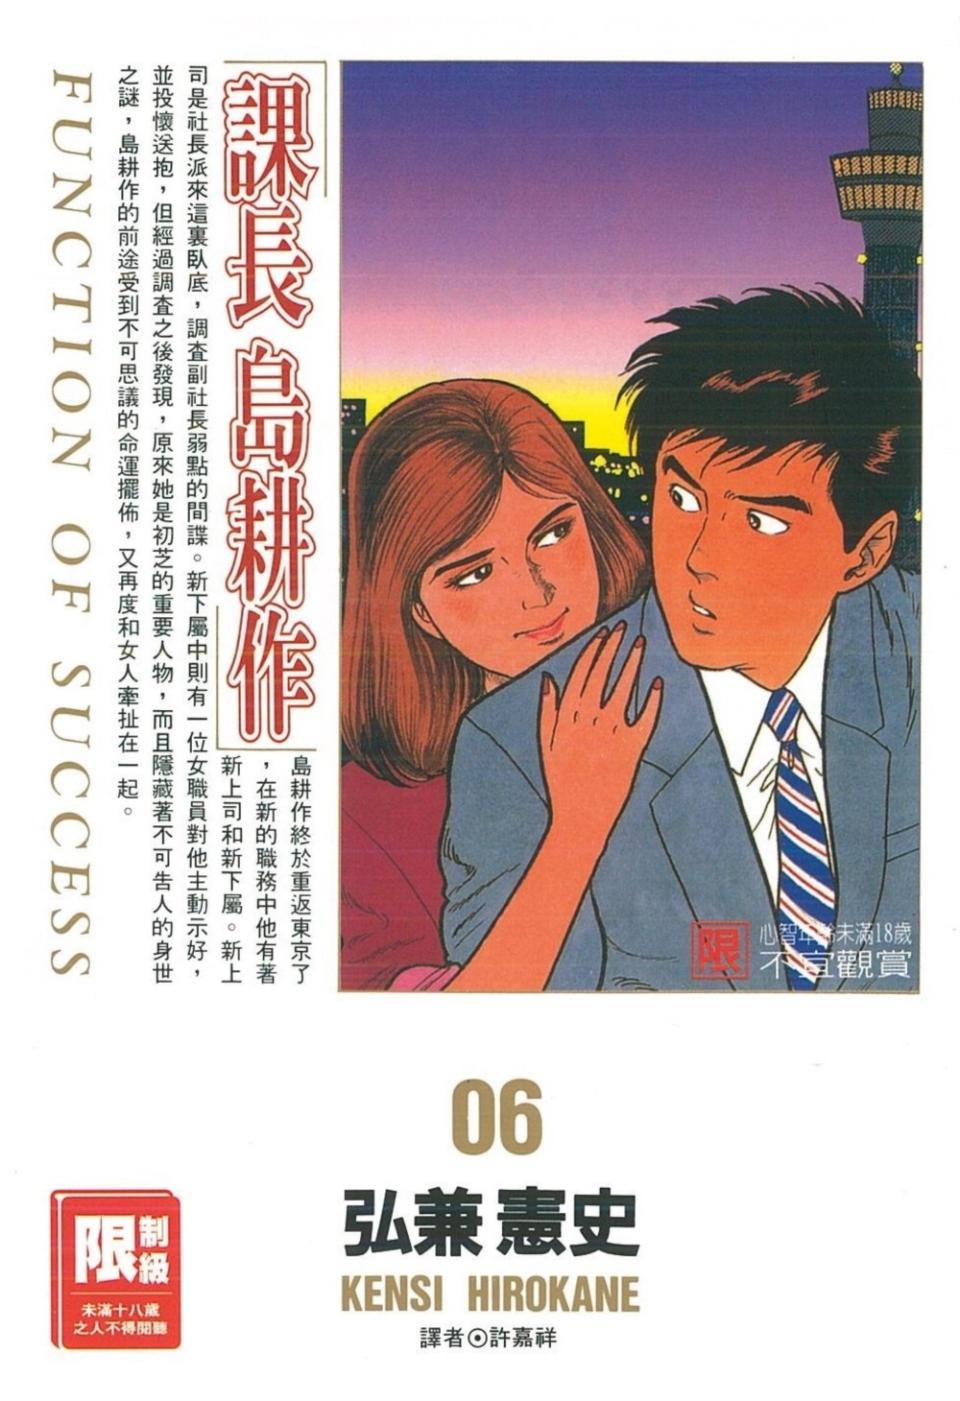 課長島耕作(06)(限)(限台...